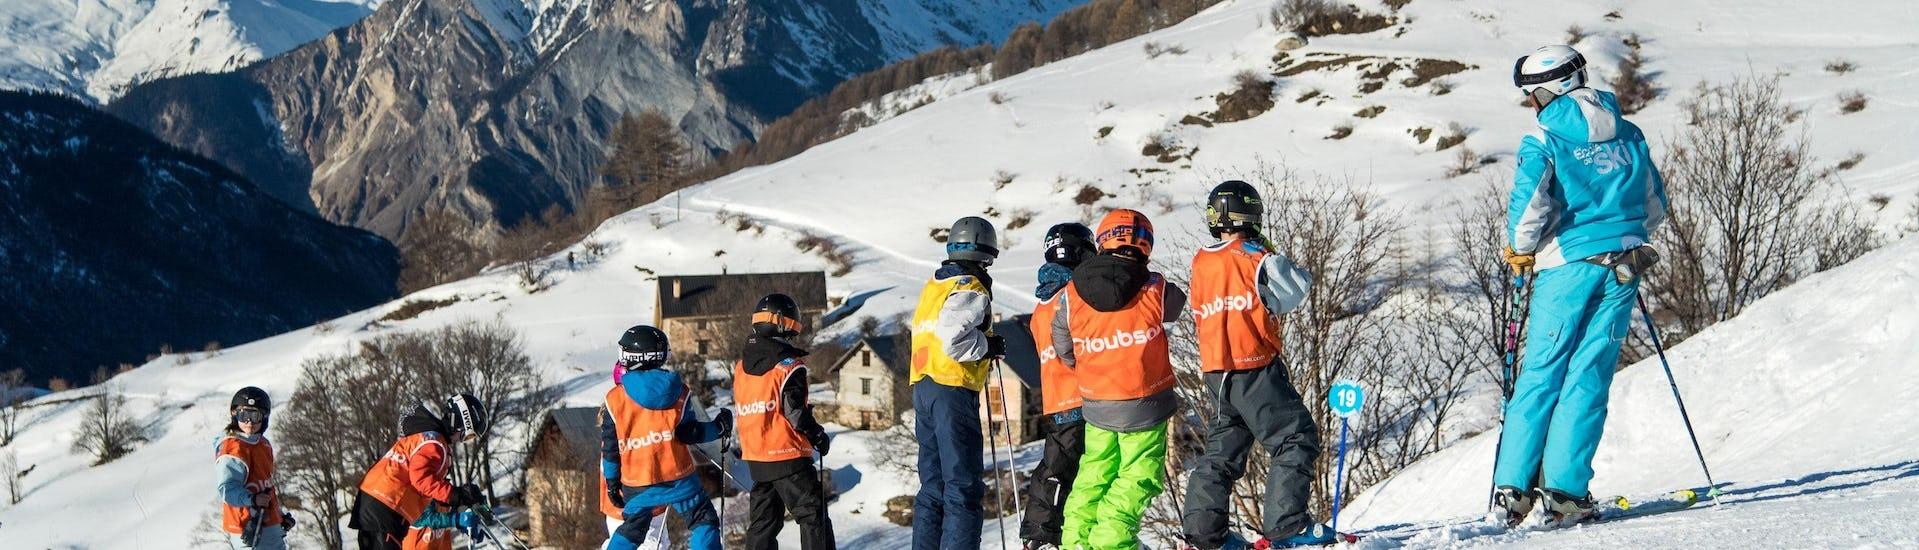 De jeunes skieurs se trouvent dans un magnifique paysage hiver pendant leur Cours de ski pour Enfants (8-15 ans) - Tout niveaux avec l'école de ski ESI Dévoluy.